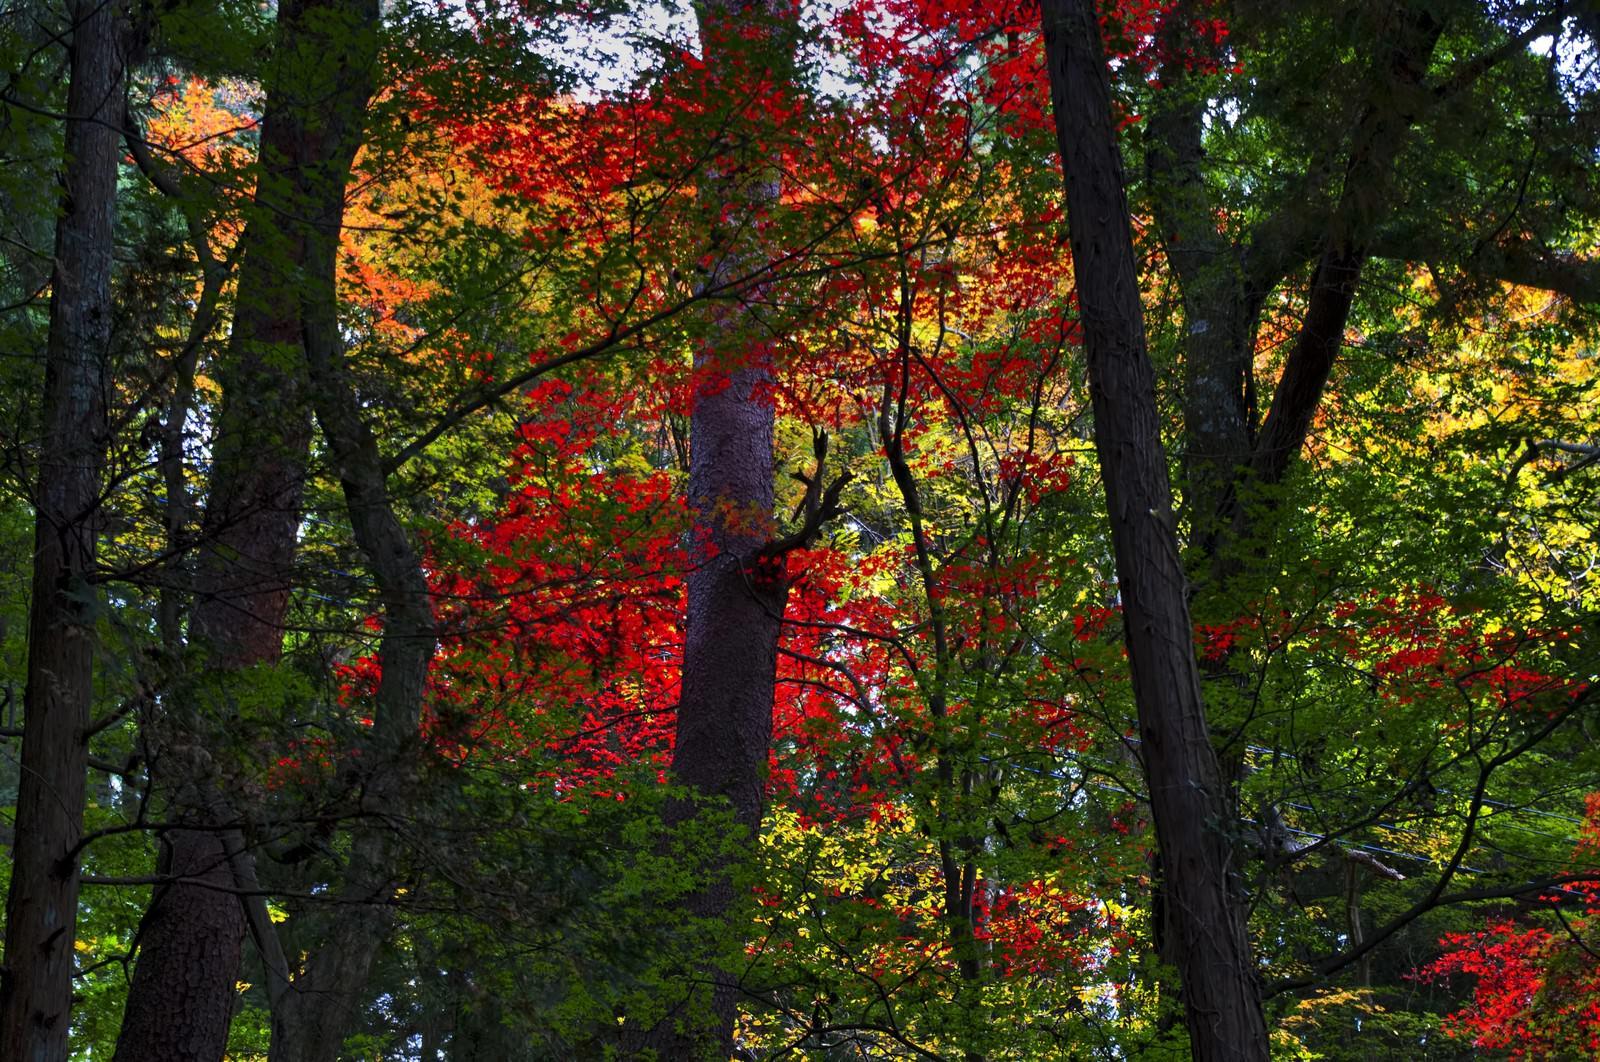 「黄葉した森 | 写真の無料素材・フリー素材 - ぱくたそ」の写真